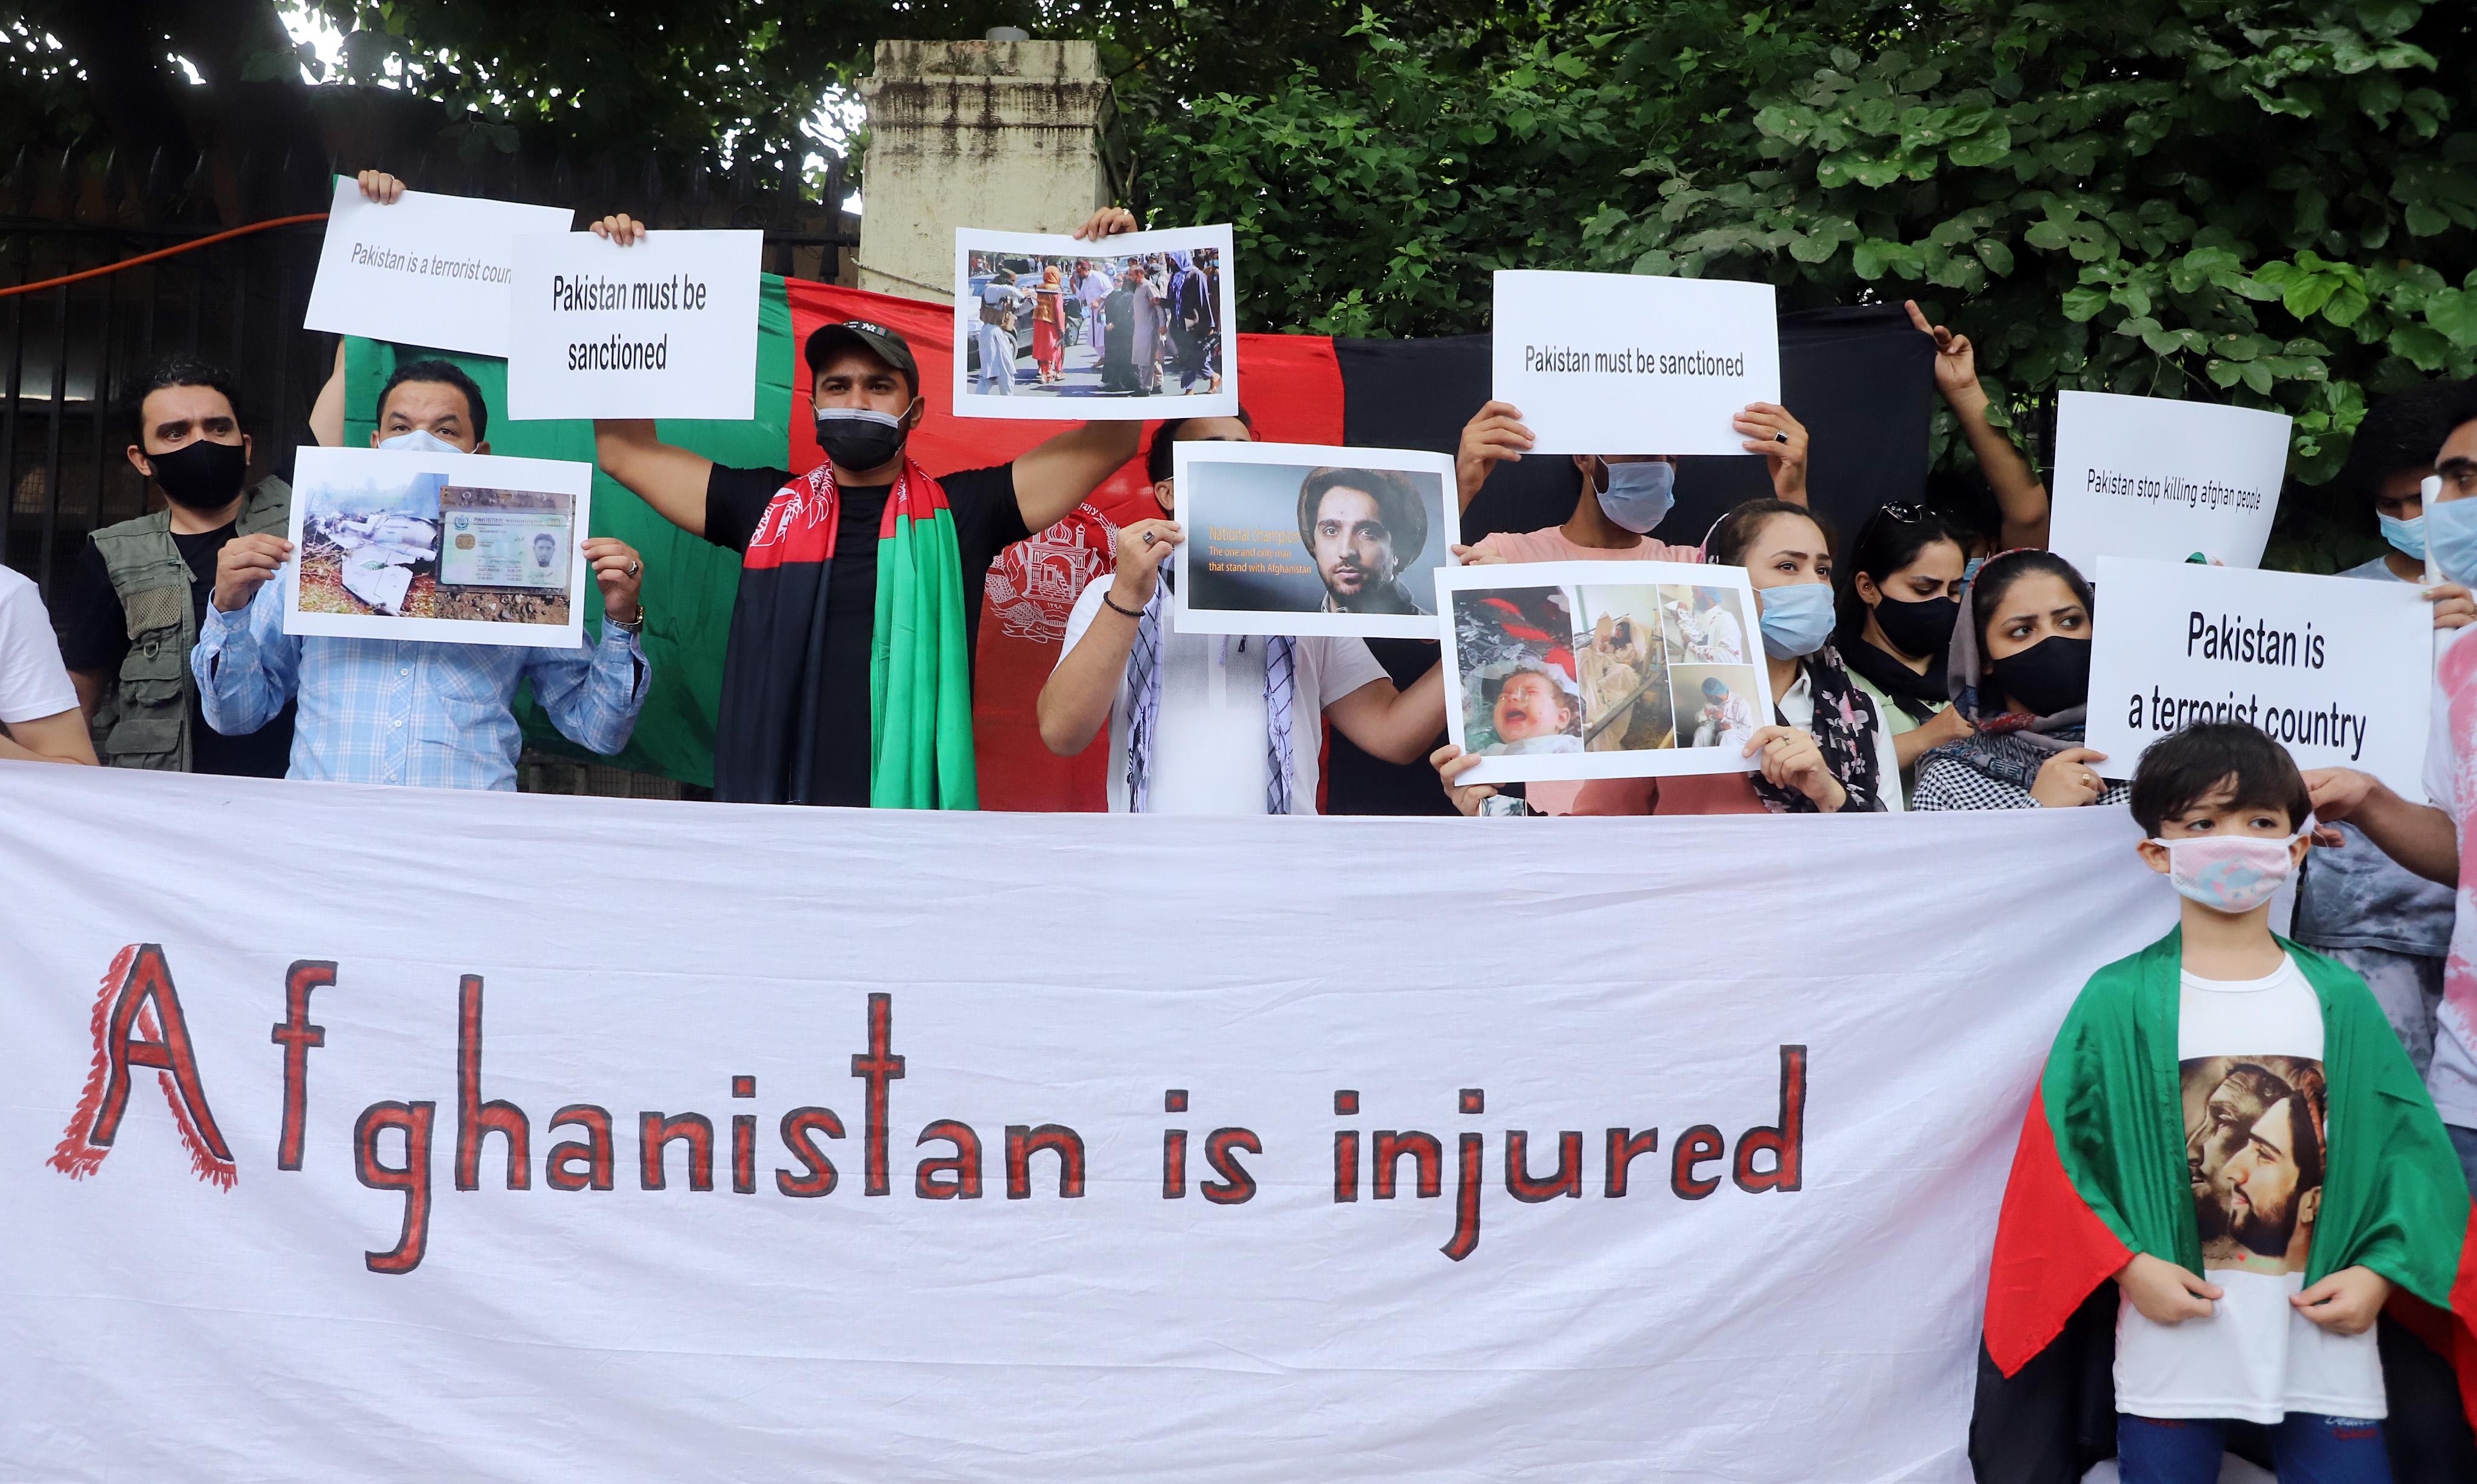 प्रदर्शनकारी पंजशीर में तालिबानी से जंग लड़ने वाली रेजिस्टेंस फोर्स का समर्थन करते हुए भी दिखे। वे रेजिस्टेंस फोर्स के नेता अहमद मसूद की फोटो लिए हुए थे। एक बच्चा मसूद की फोटो वाली टी-शर्ट पहने और अफगानी झंडा ओढ़े हुए नजर आया।